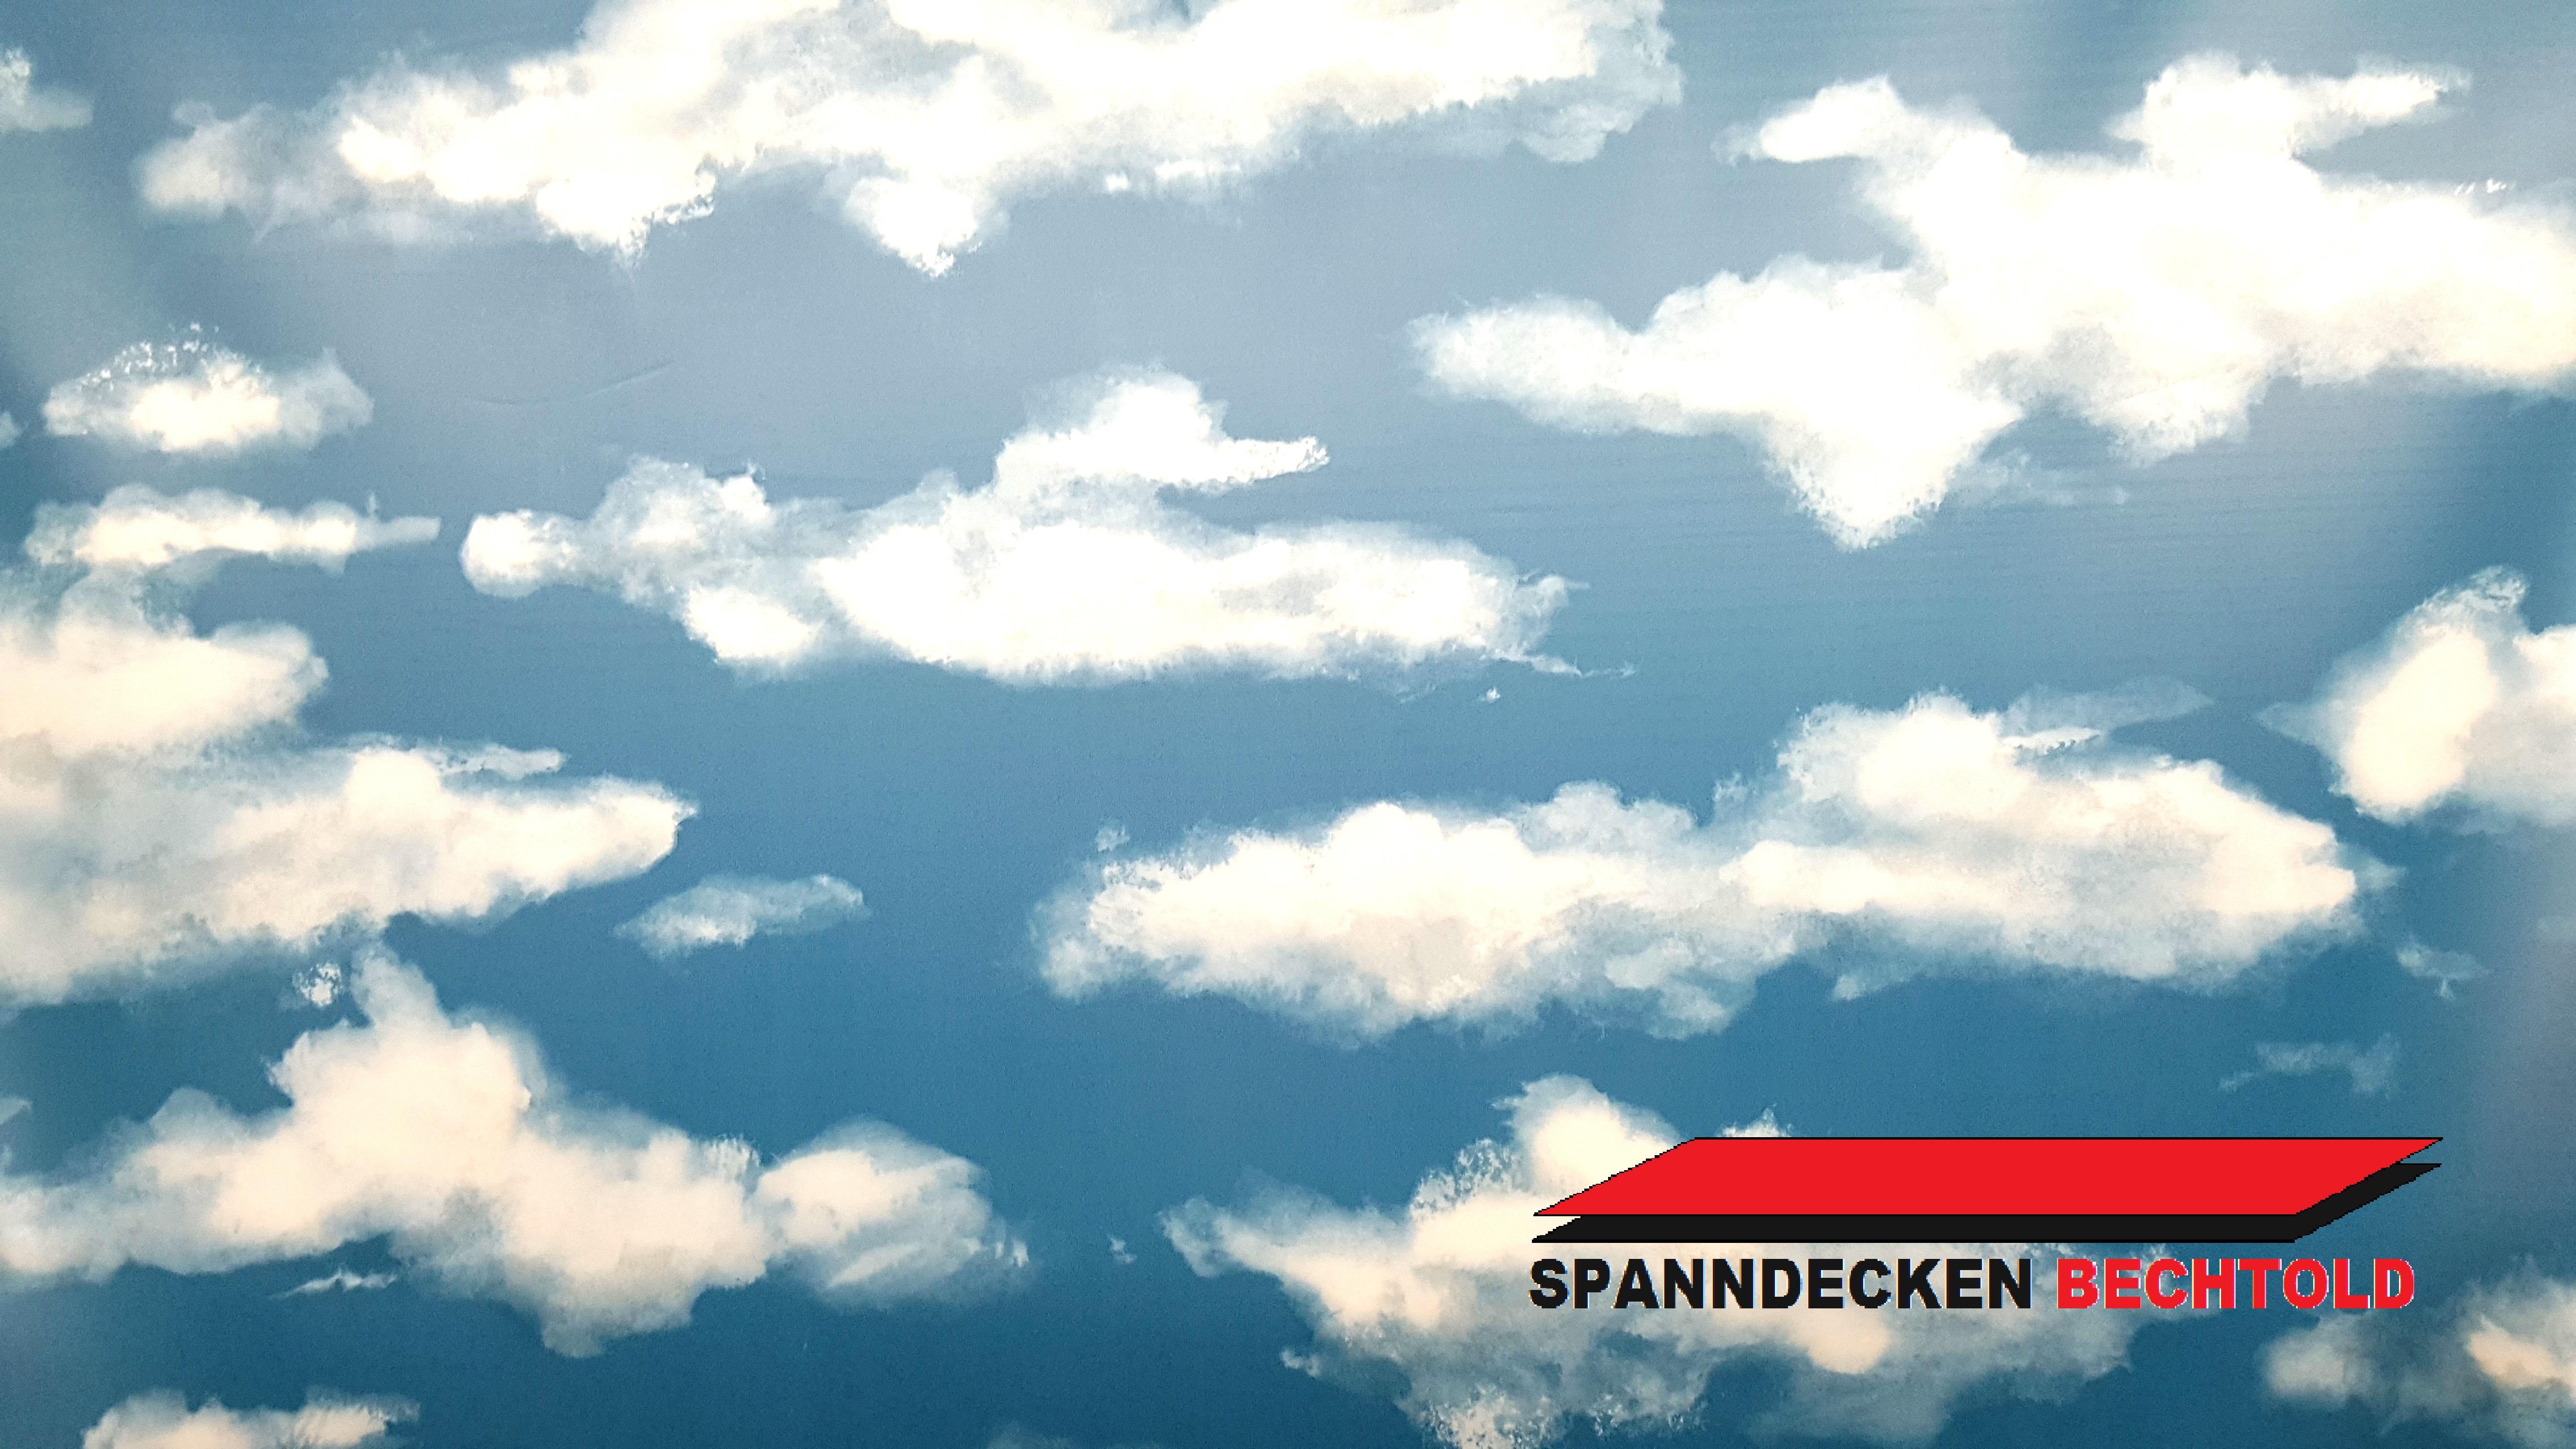 spanndecken-bechtold - himmel folie, spanndecken himmel, decken